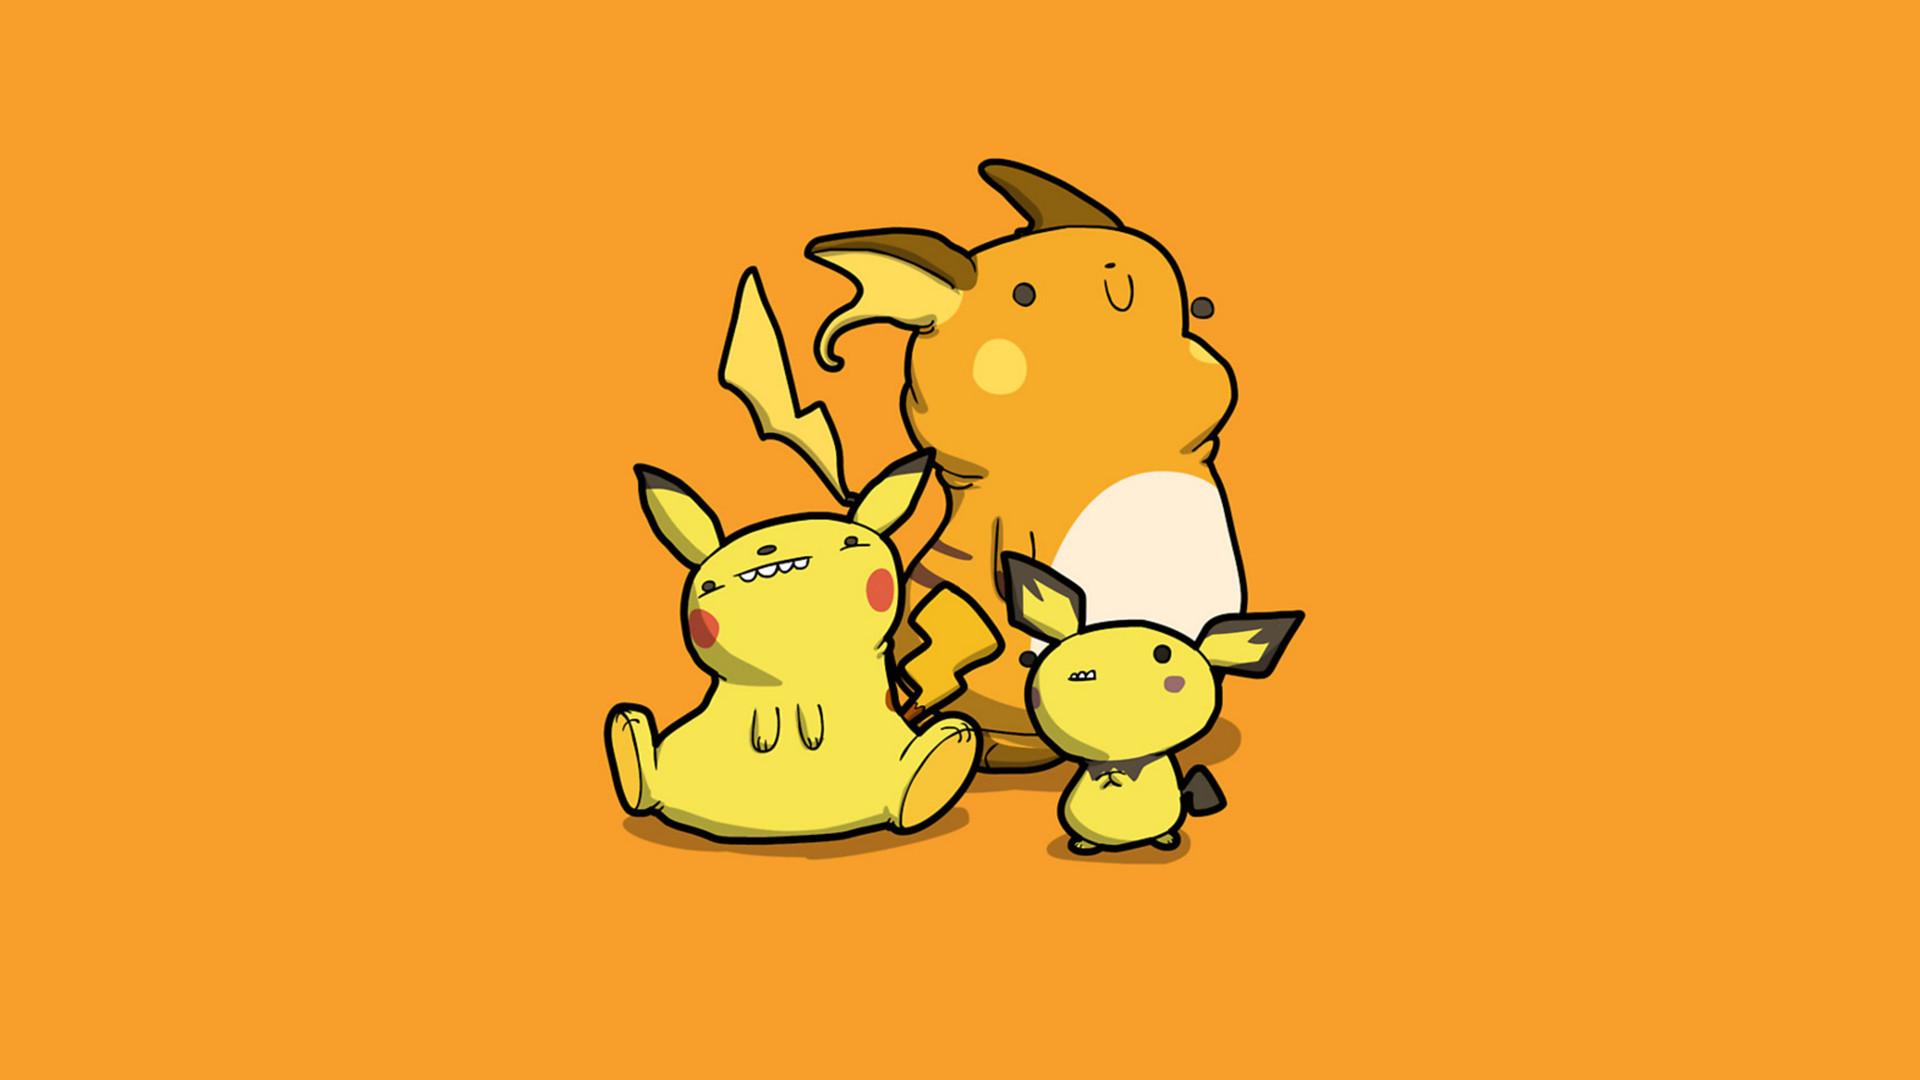 Video Game РPok̩mon Pikachu Pichu (Pok̩mon) Raichu (Pok̩mon) Wallpaper